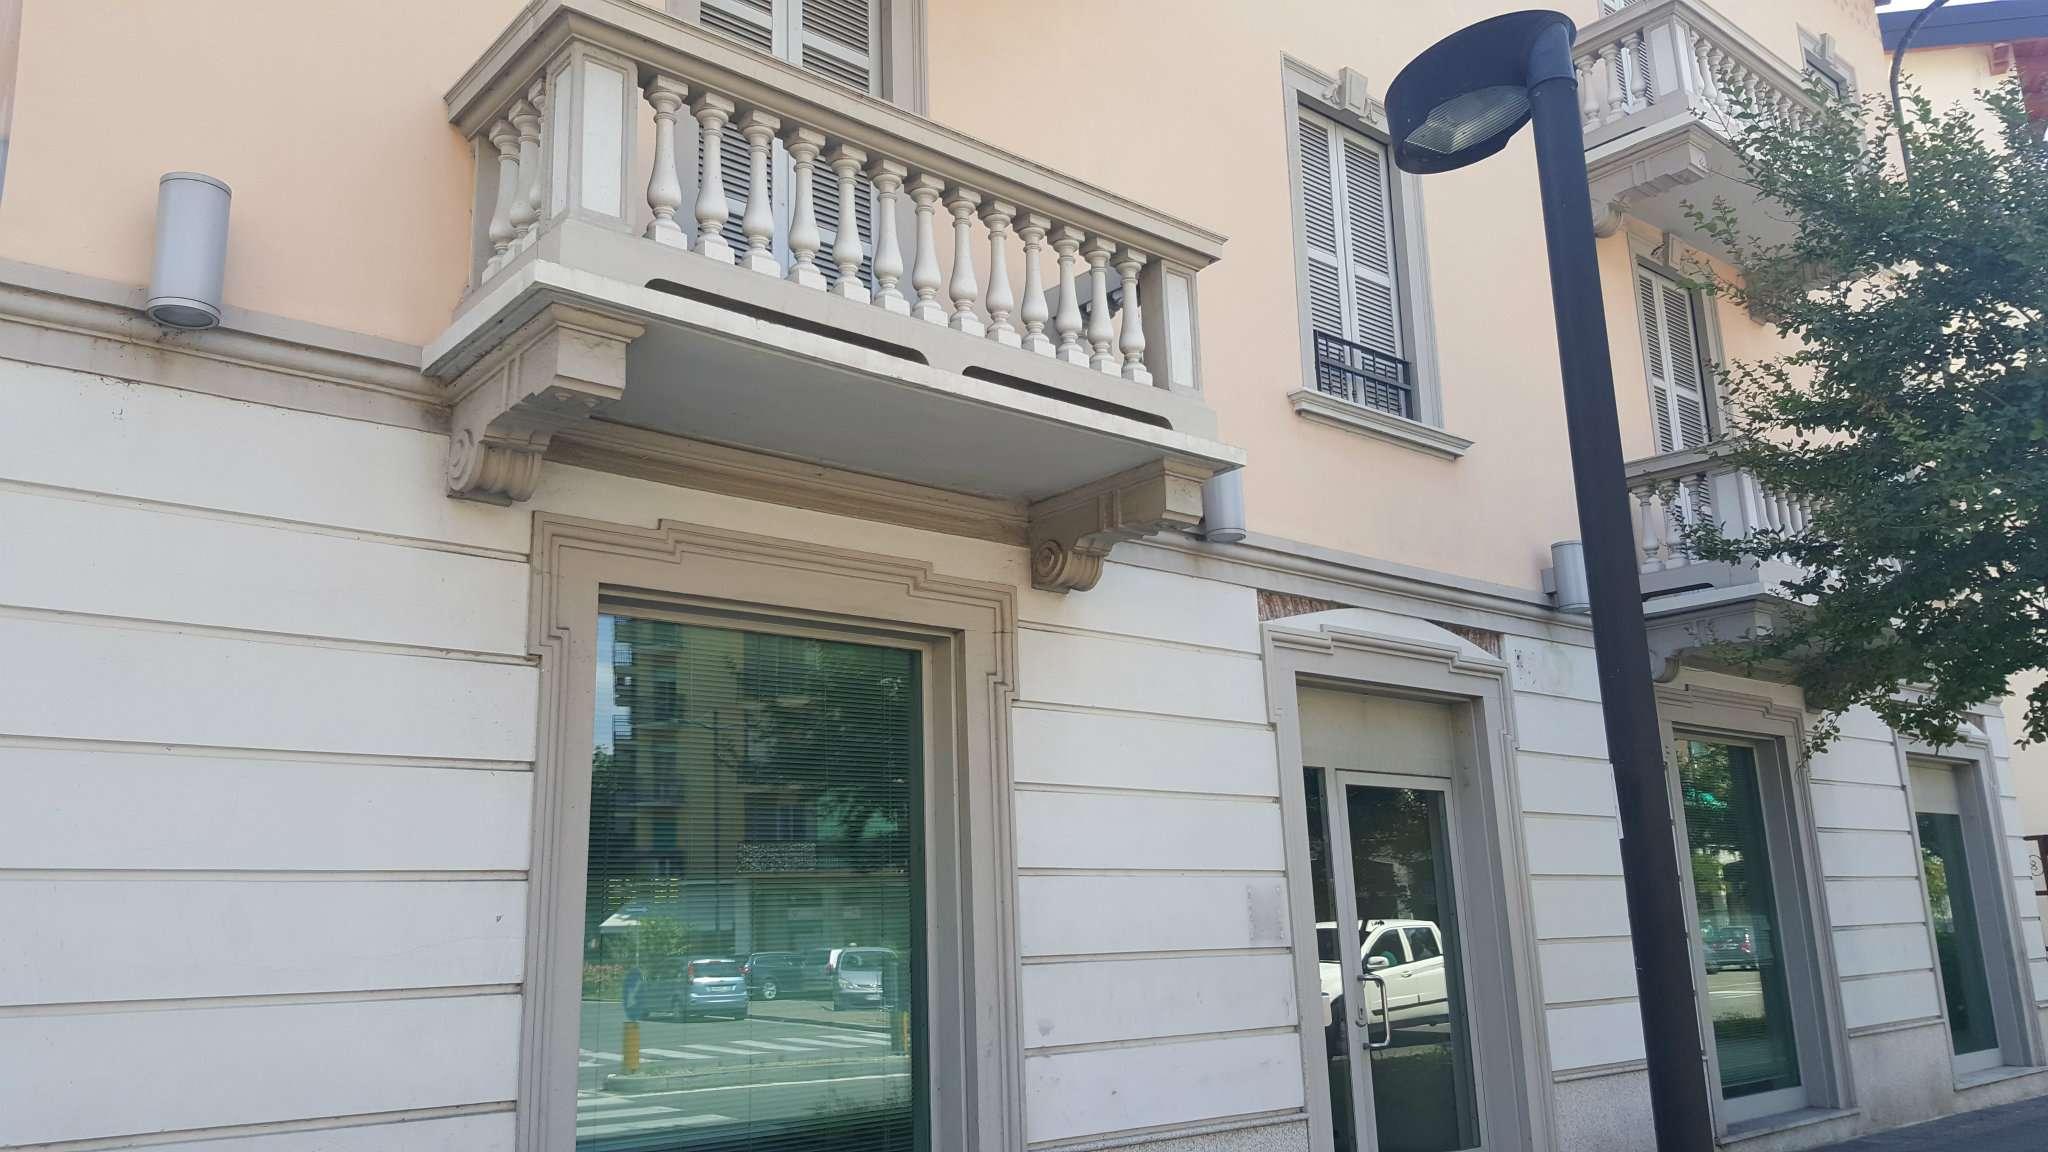 Negozio / Locale in affitto a Cologno Monzese, 9999 locali, prezzo € 3.500 | PortaleAgenzieImmobiliari.it